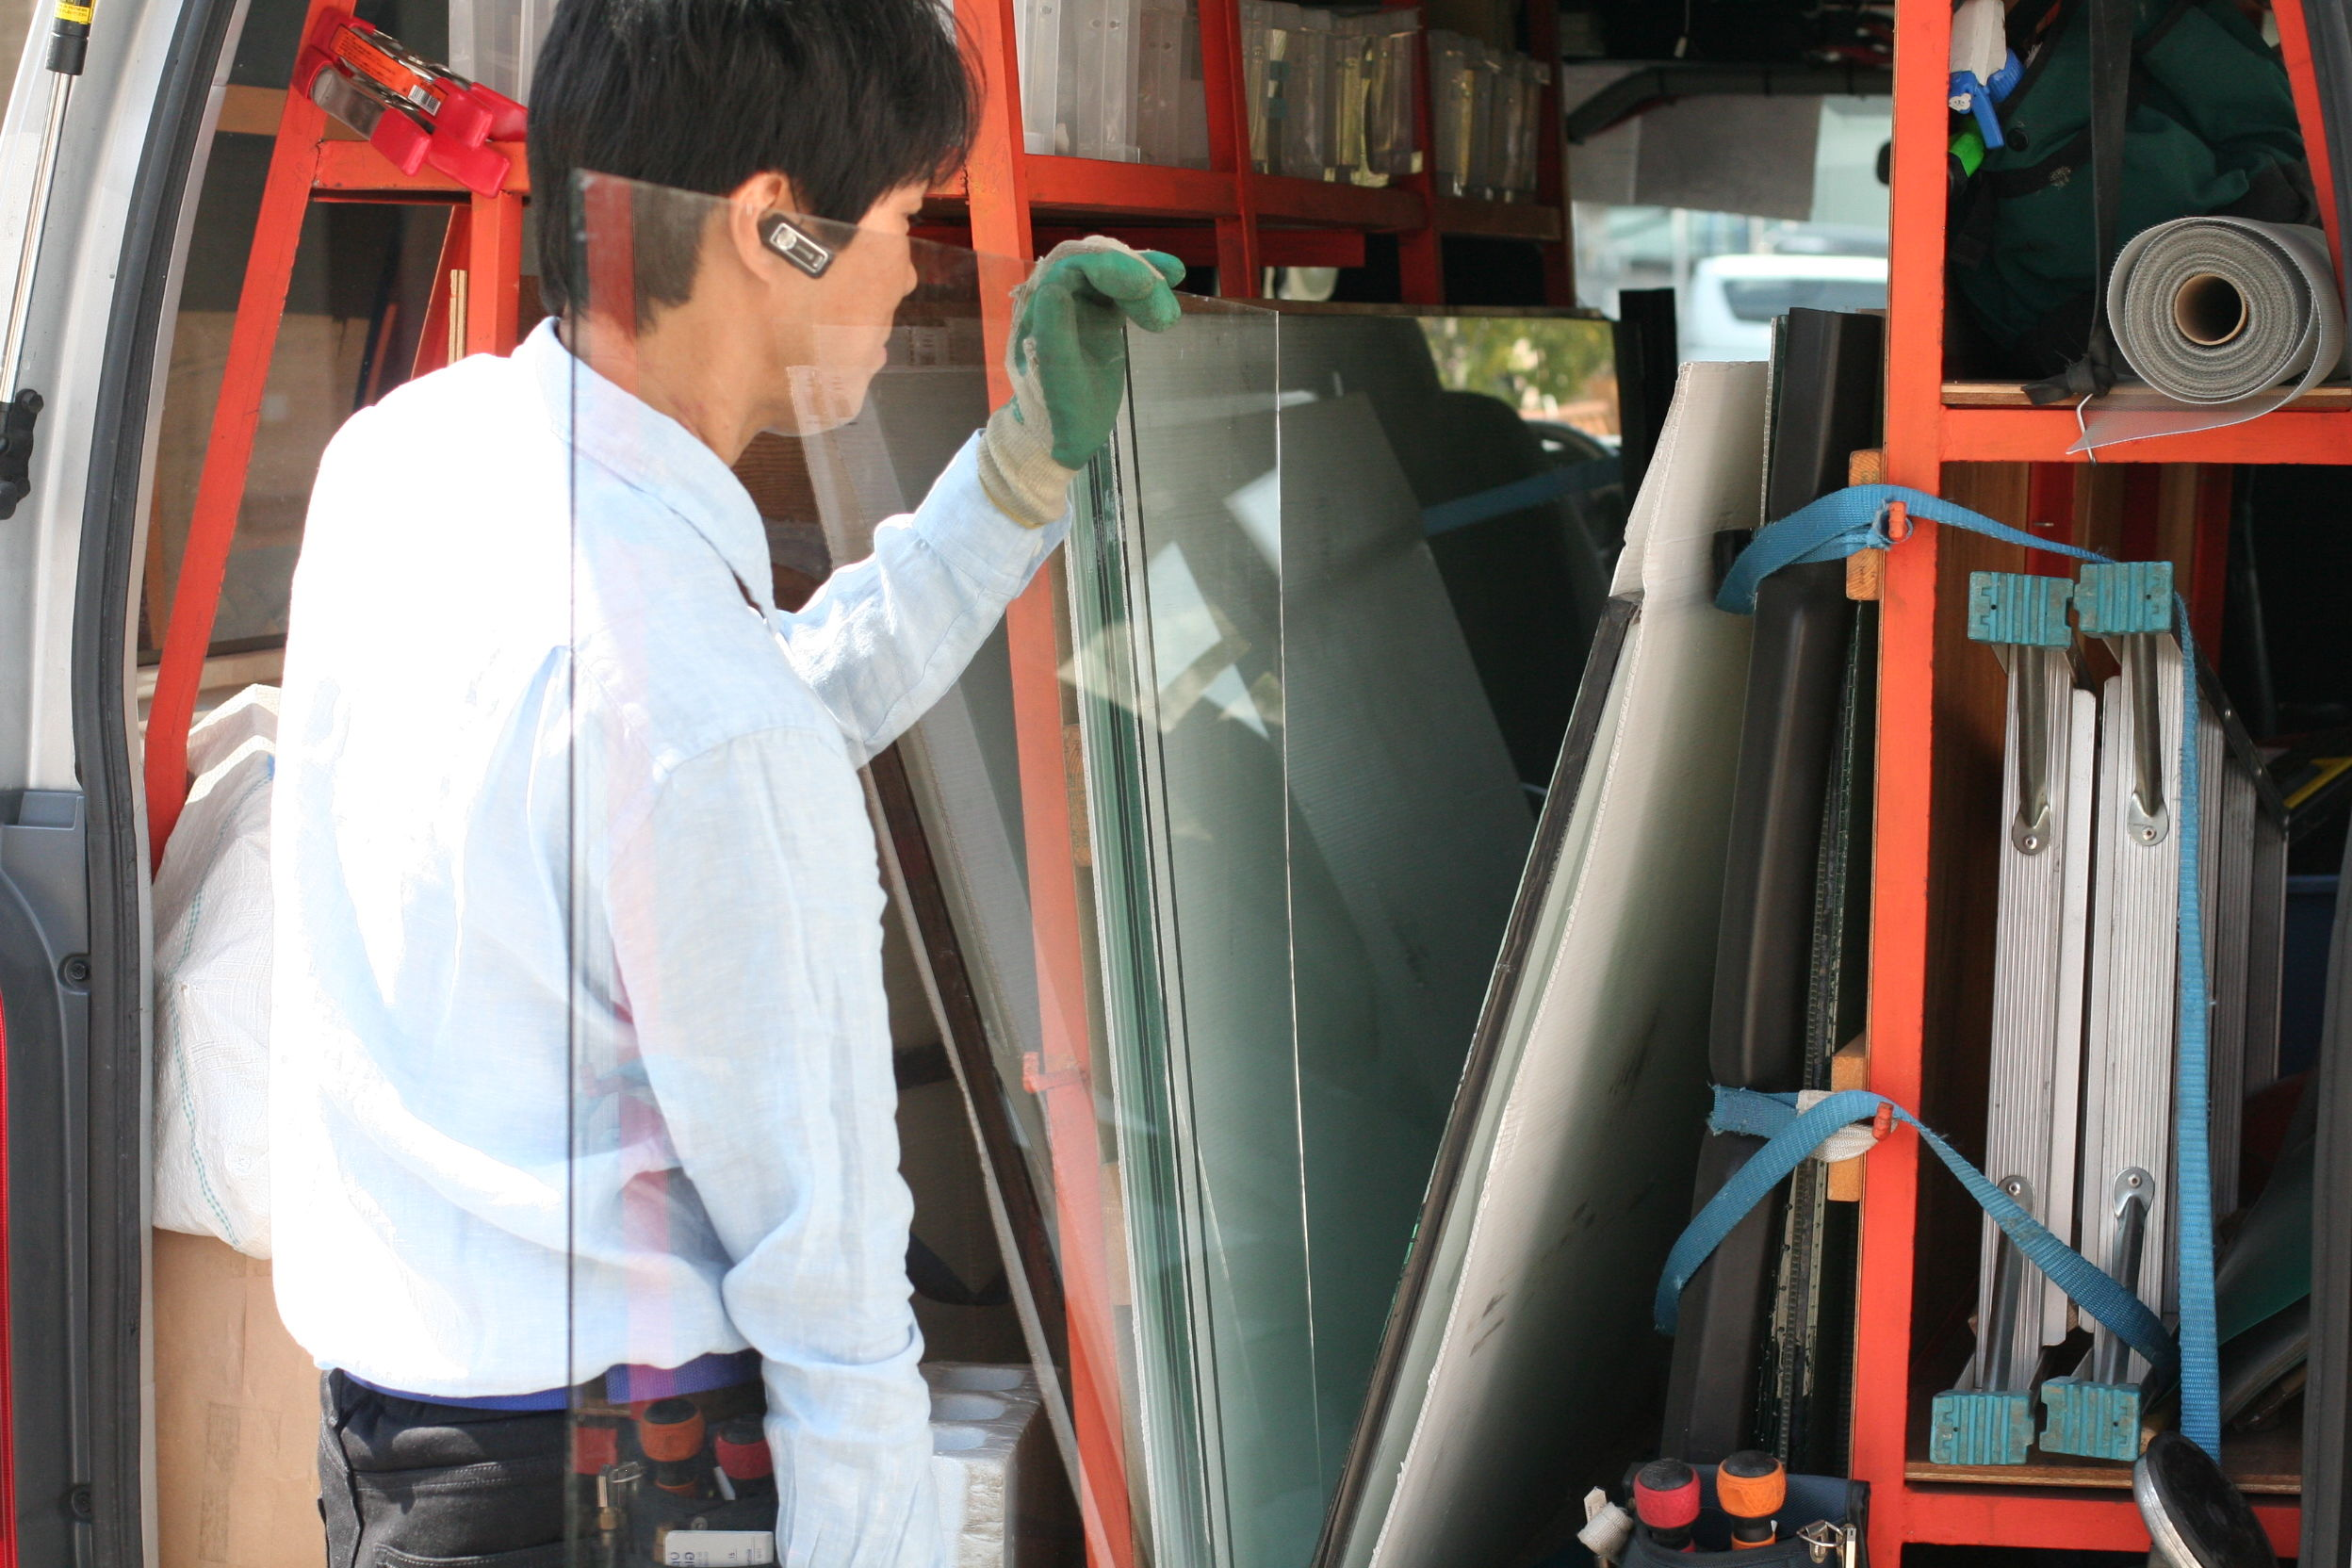 ガラスのトラブル救Q隊.24【三島郡島本町 出張エリア】のメイン画像